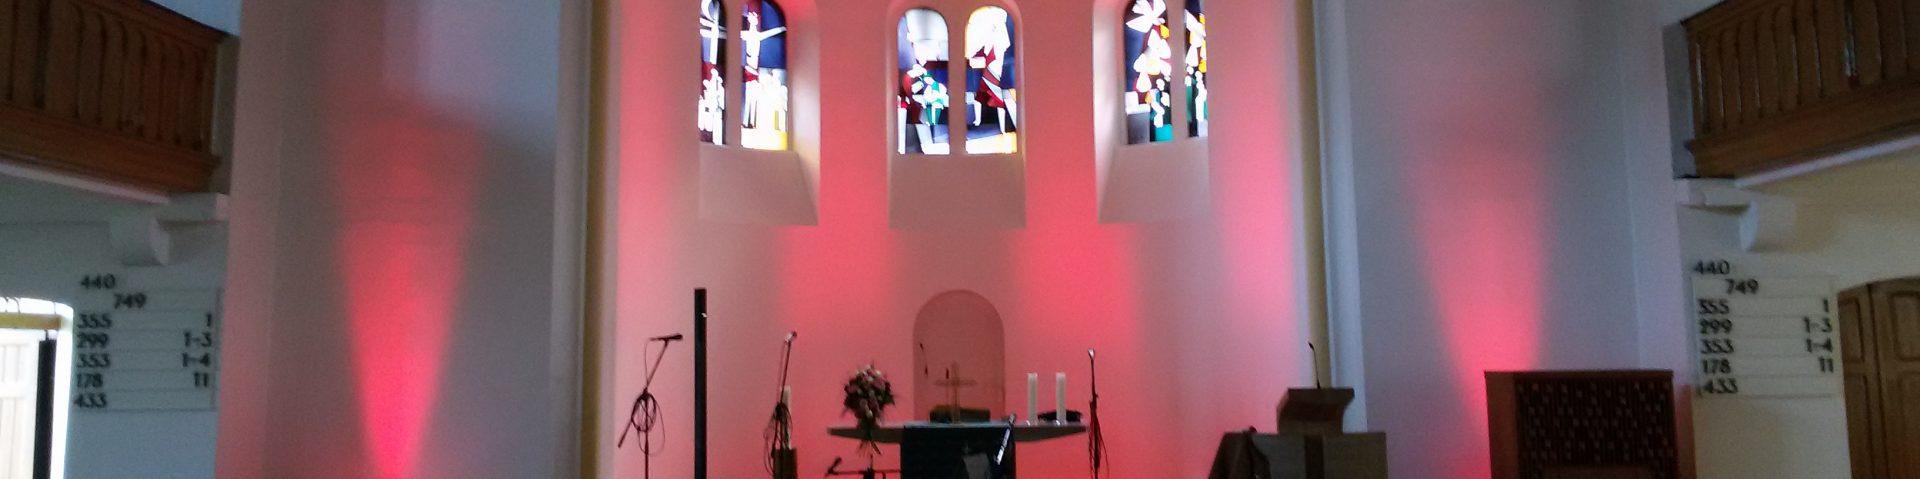 Evangelische Kirchengemeinde Essen-Kupferdreh